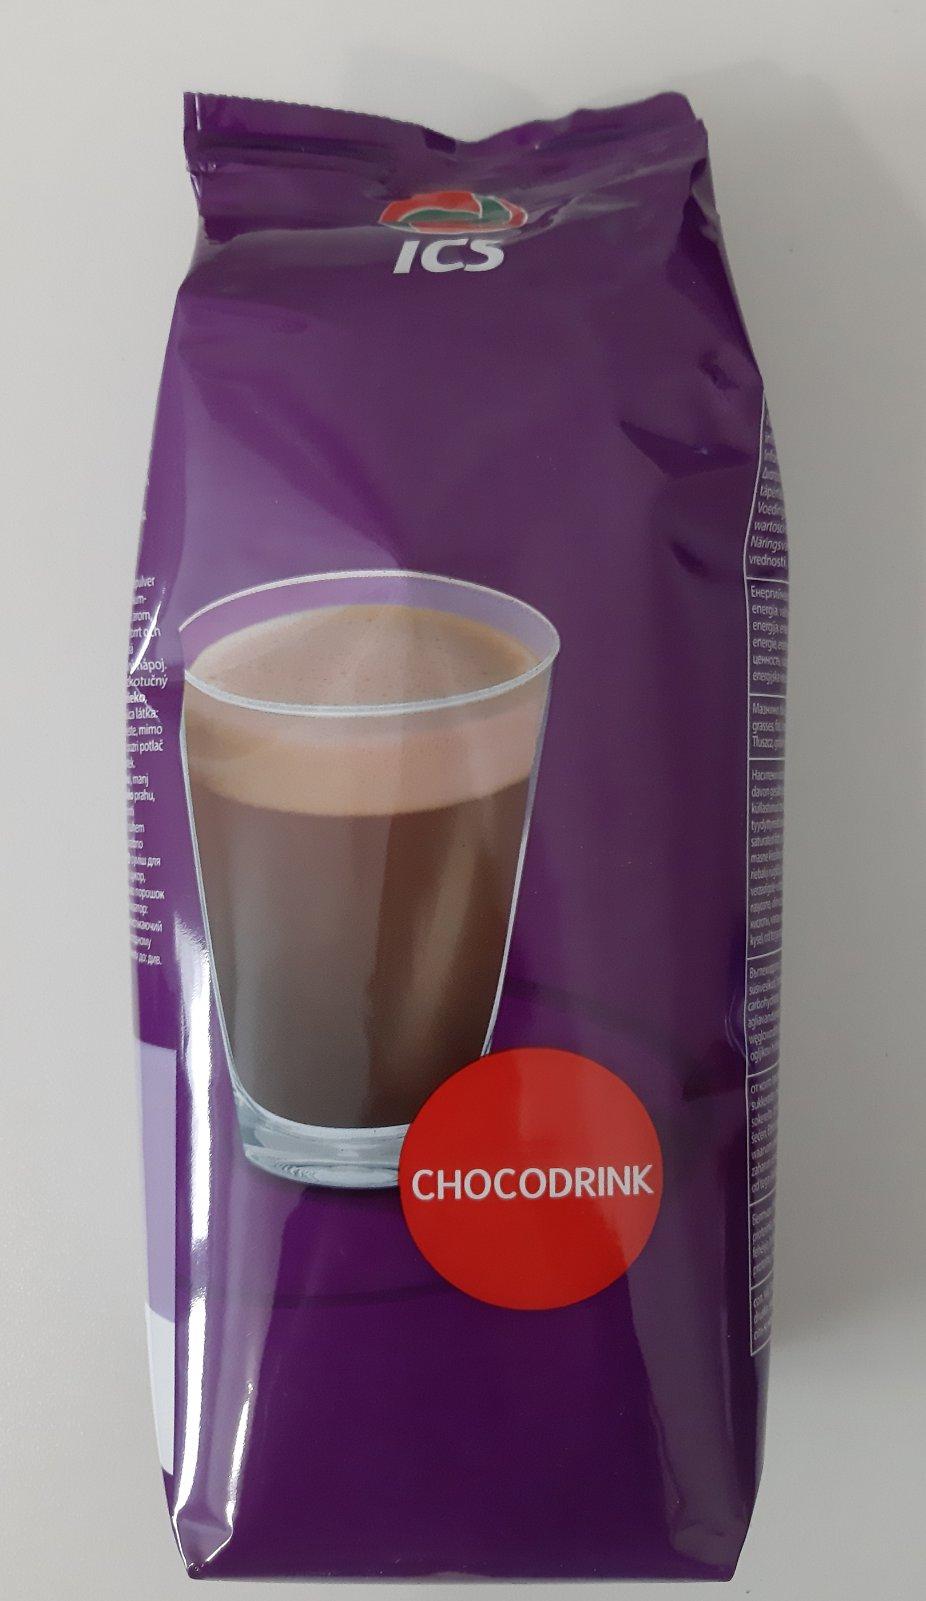 Инстант чоколадо ИЦС 1000 гр